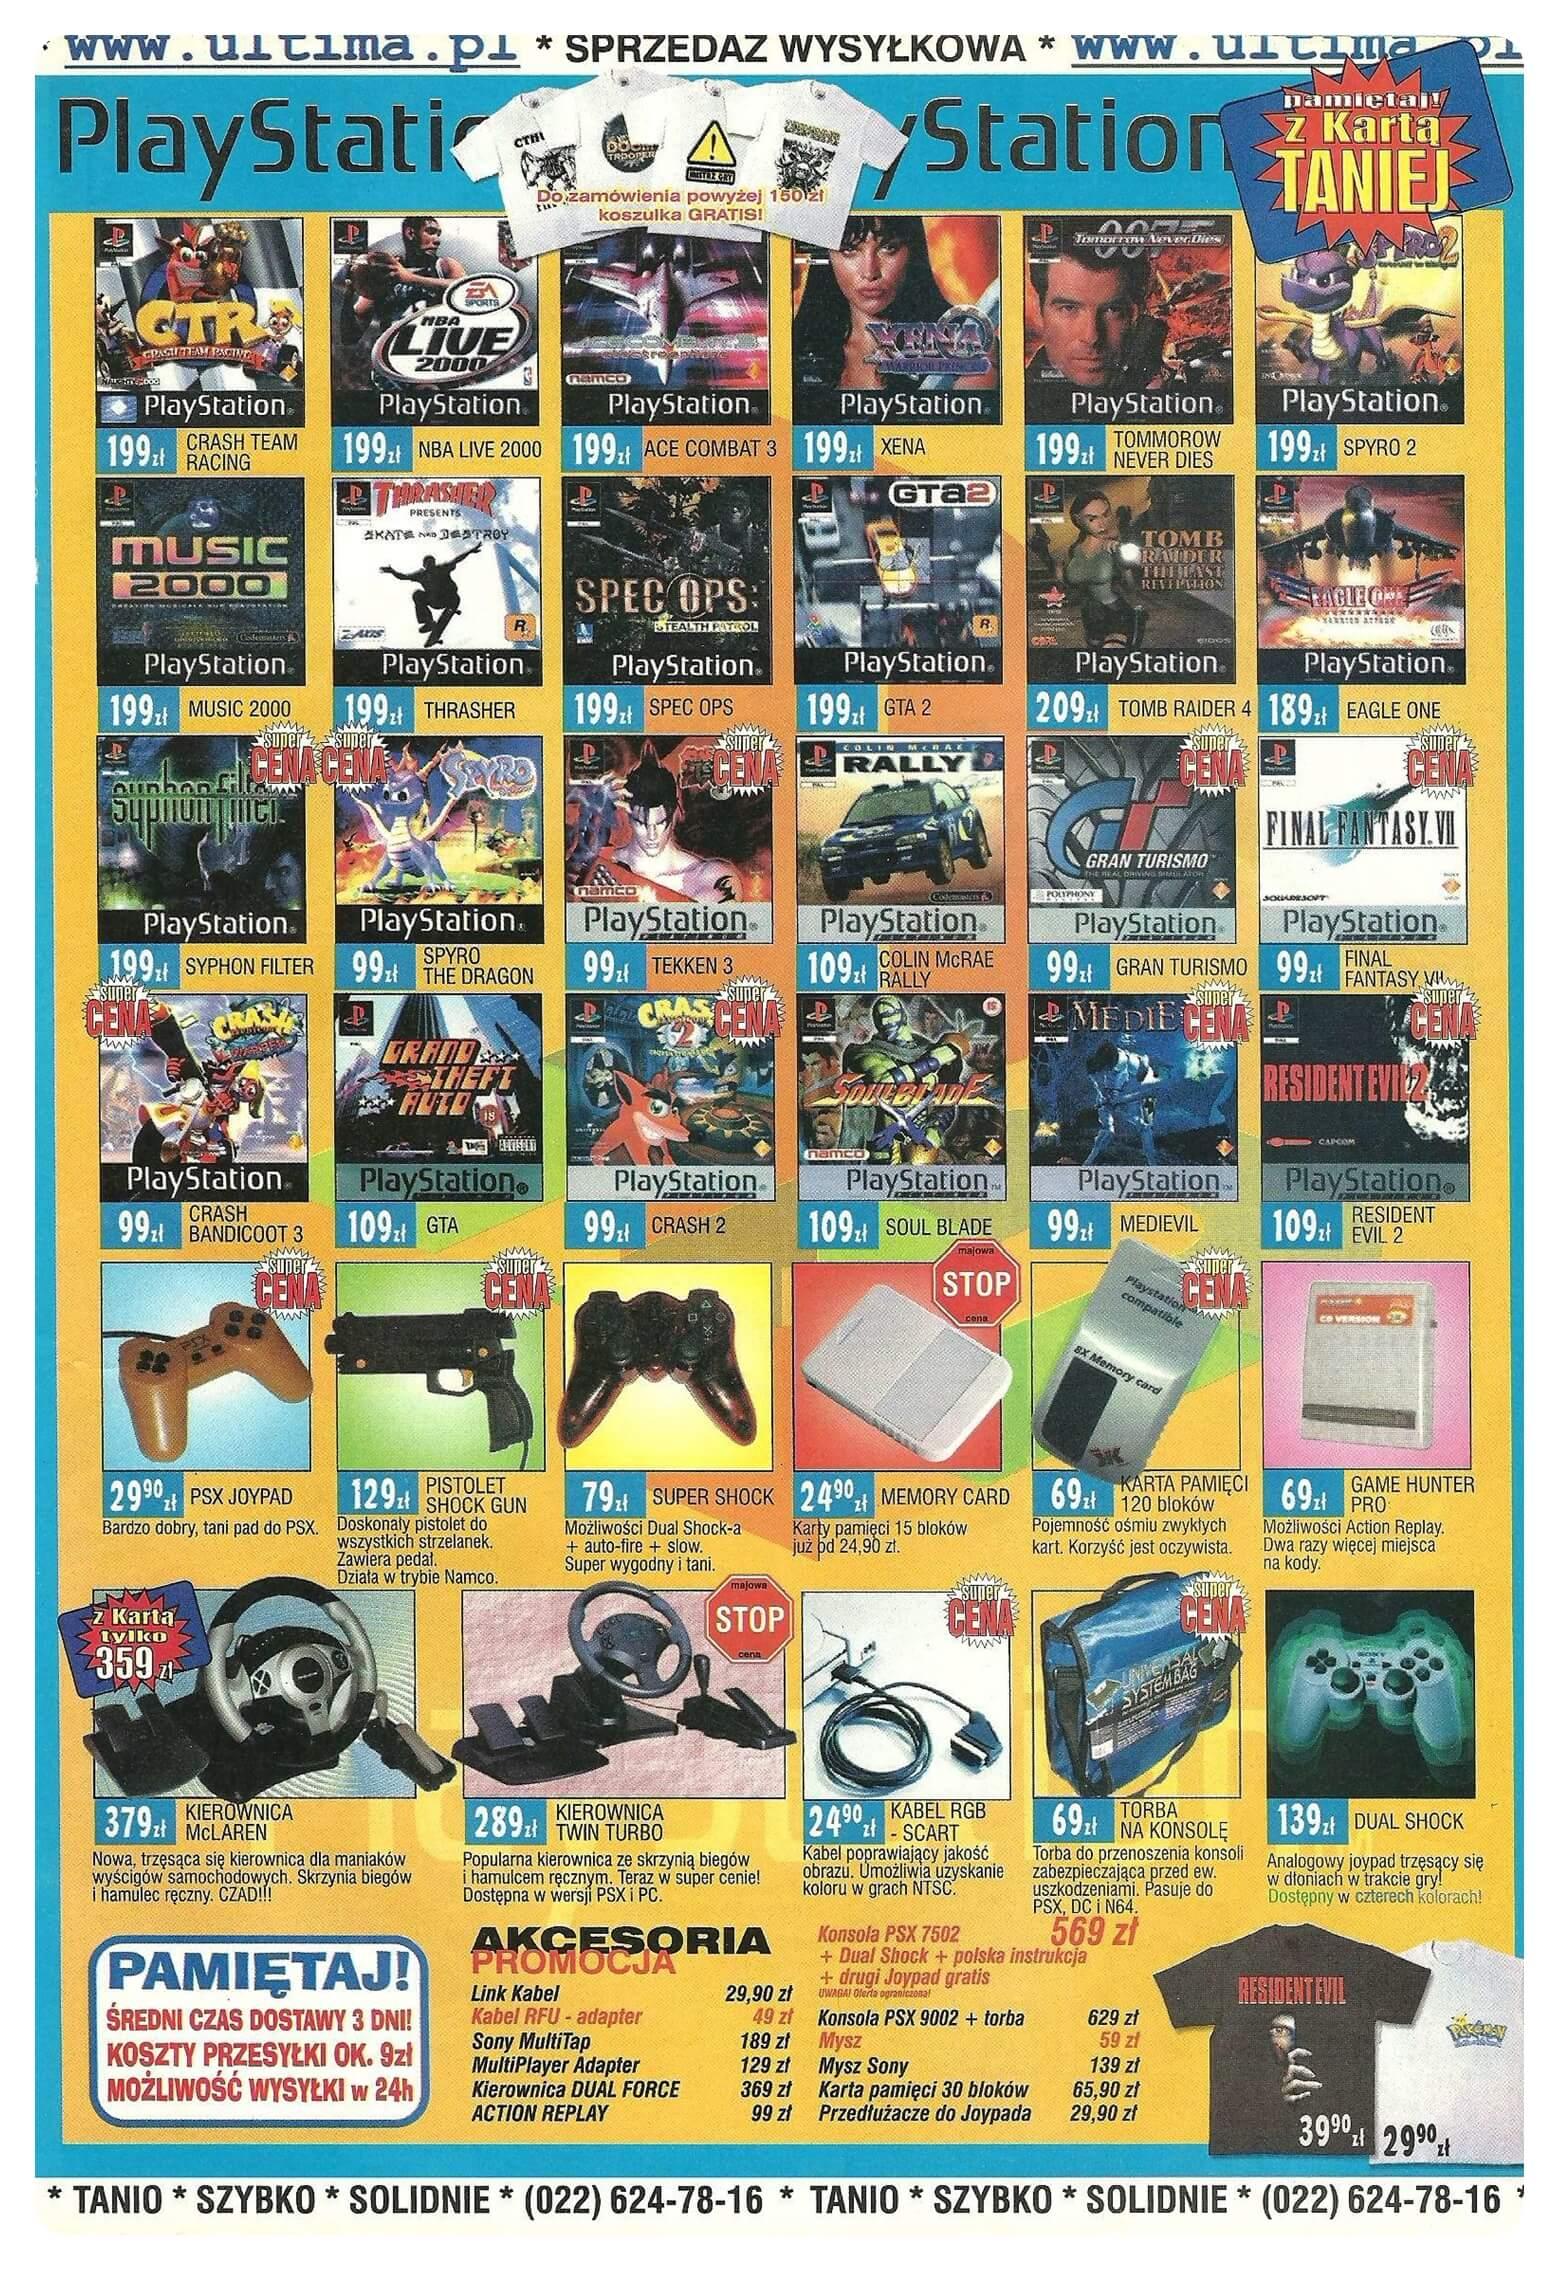 Neo Plus nr 022 200051q4 - Jak wyglądały ceny różnych konsol w Polsce w latach 1996-2006?